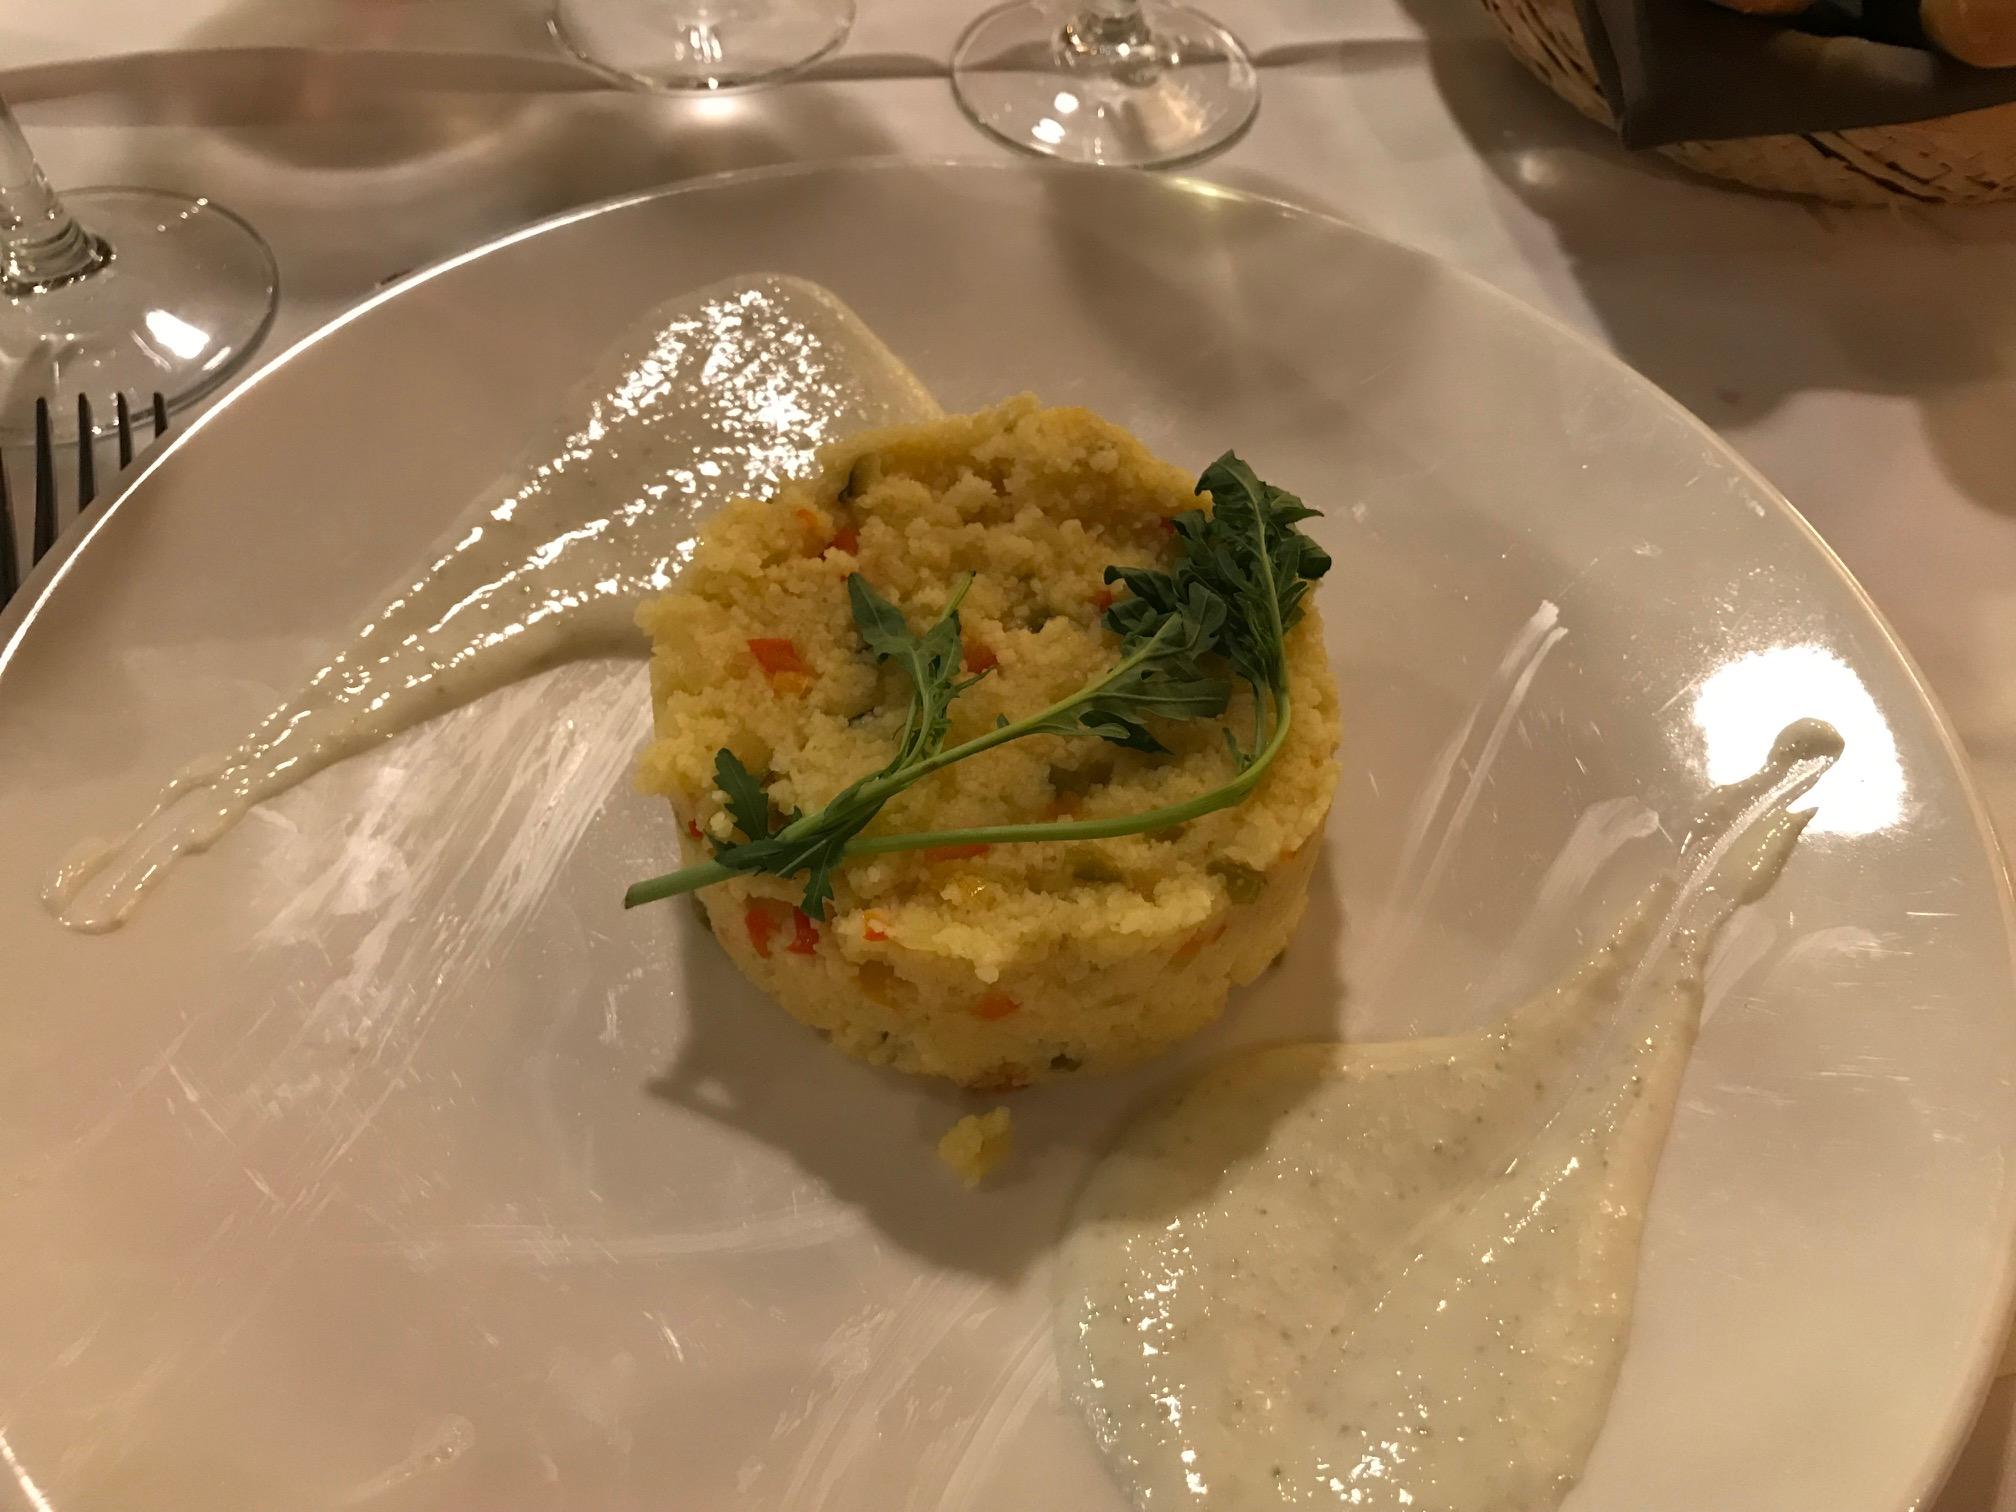 Restaurante en Canfranc Rico y ligero taboulé.